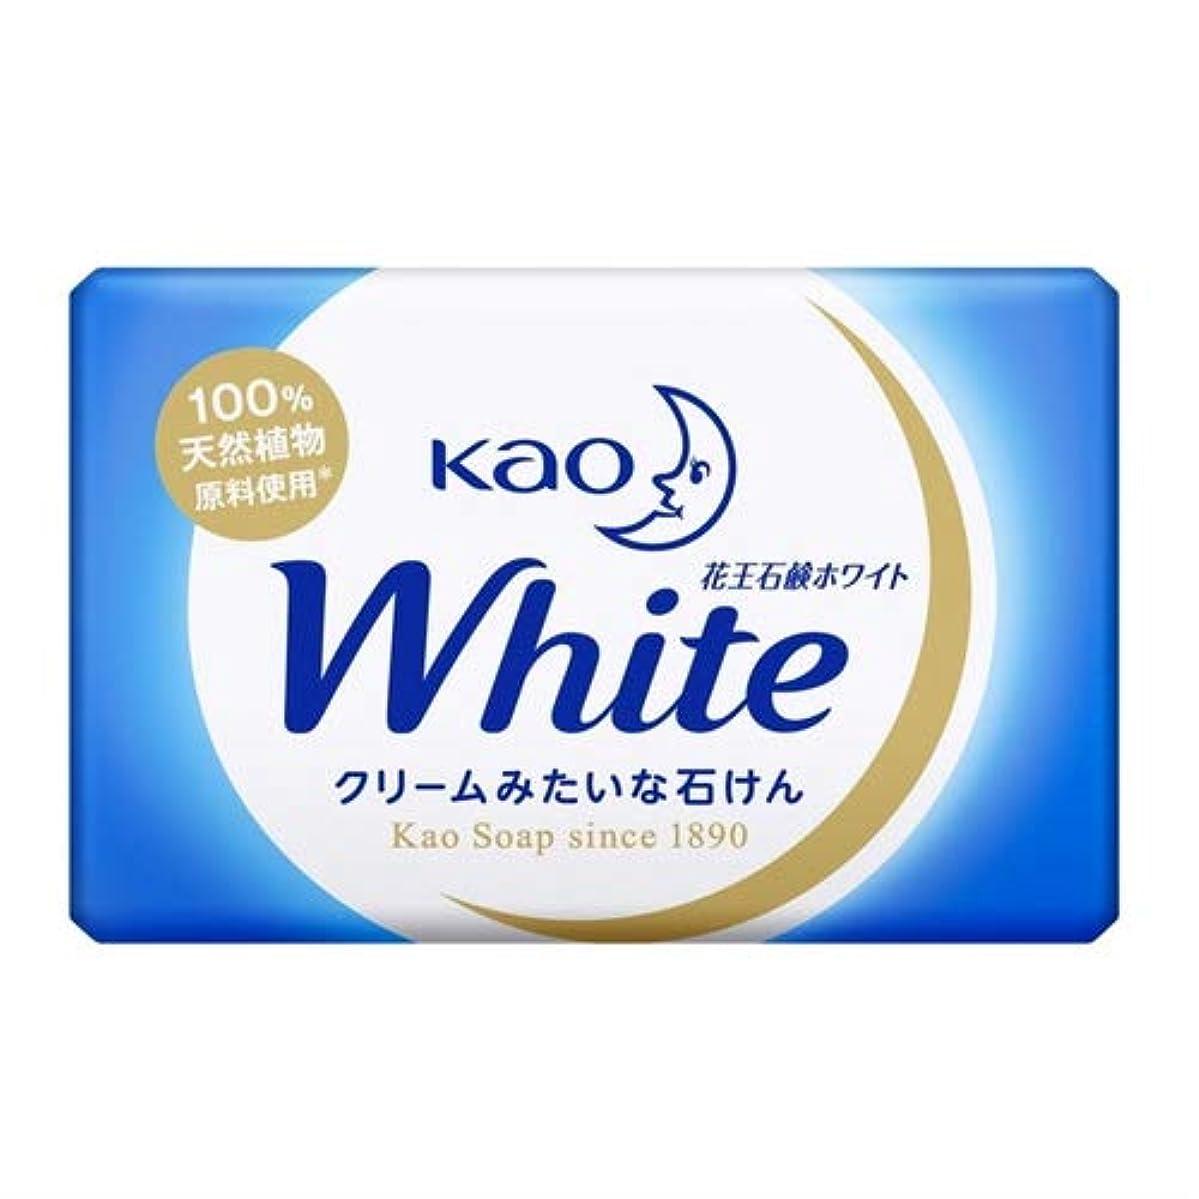 歩行者ためにオーチャード花王石鹸ホワイト 業務用ミニサイズ 15g × 10個セット